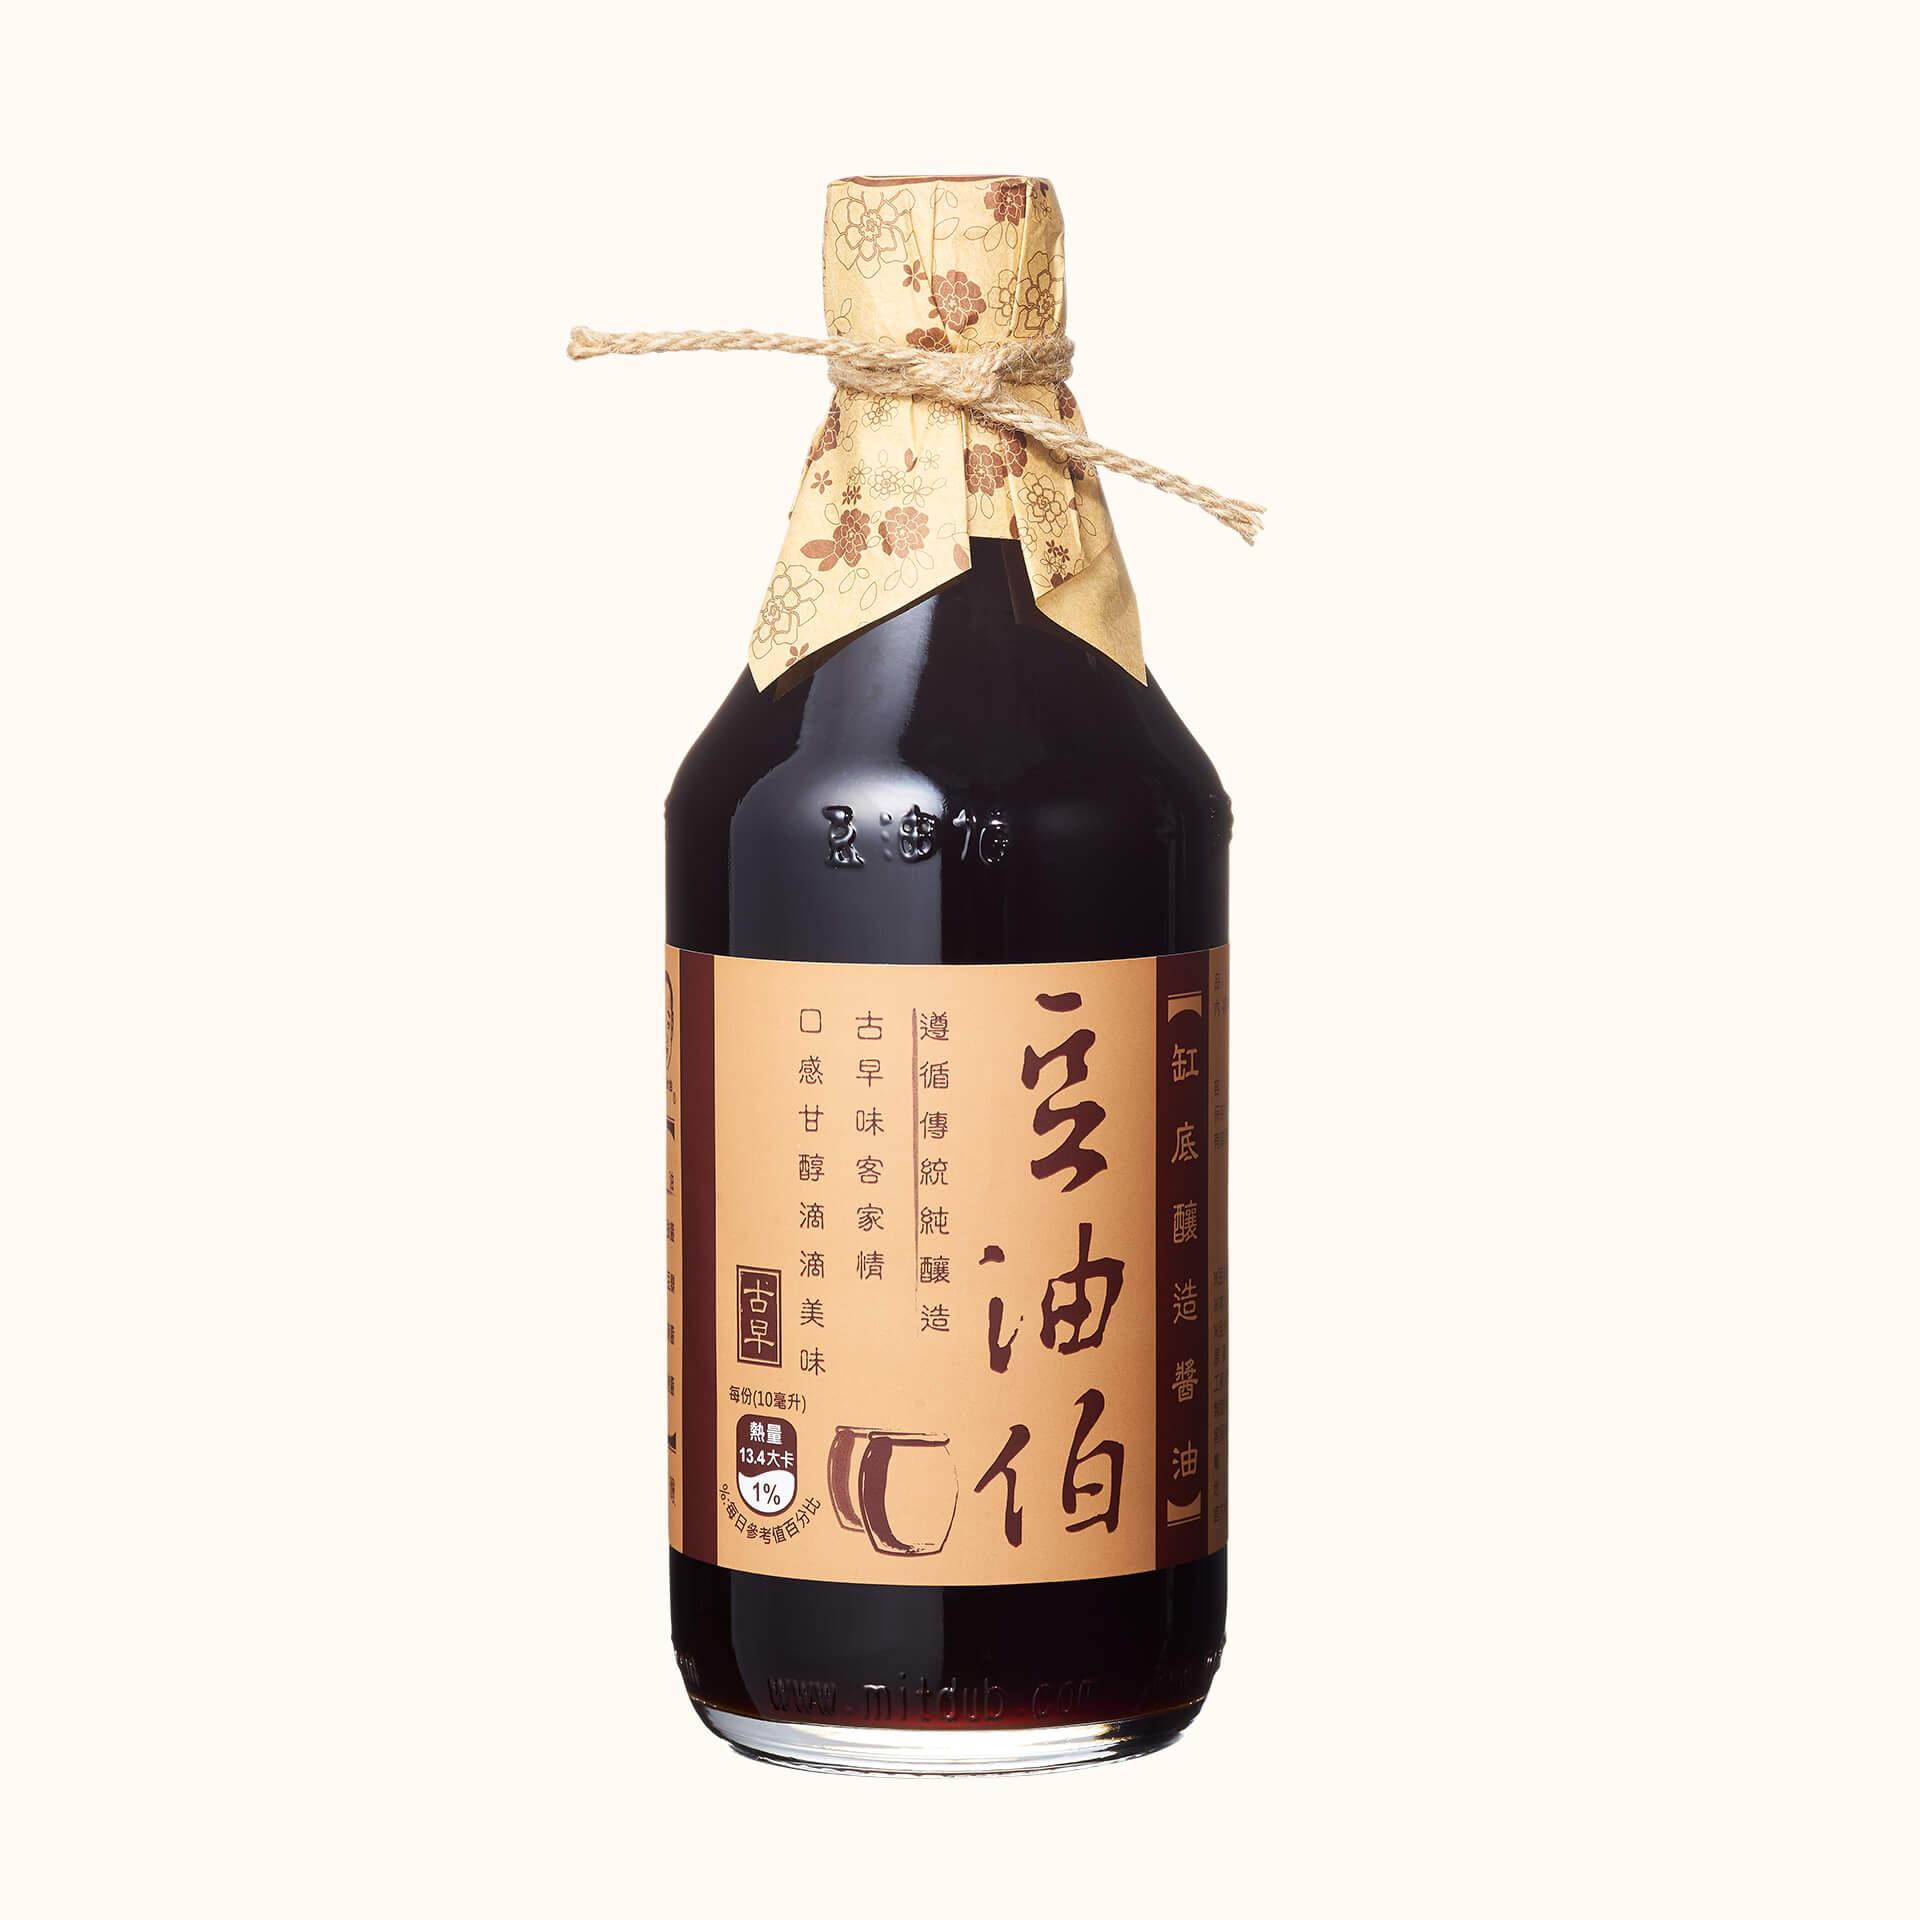 【新客限定】缸底醬油1入+甘田醬油1入+金美滿醬油1入(共3入)送180m l春源醬油1入